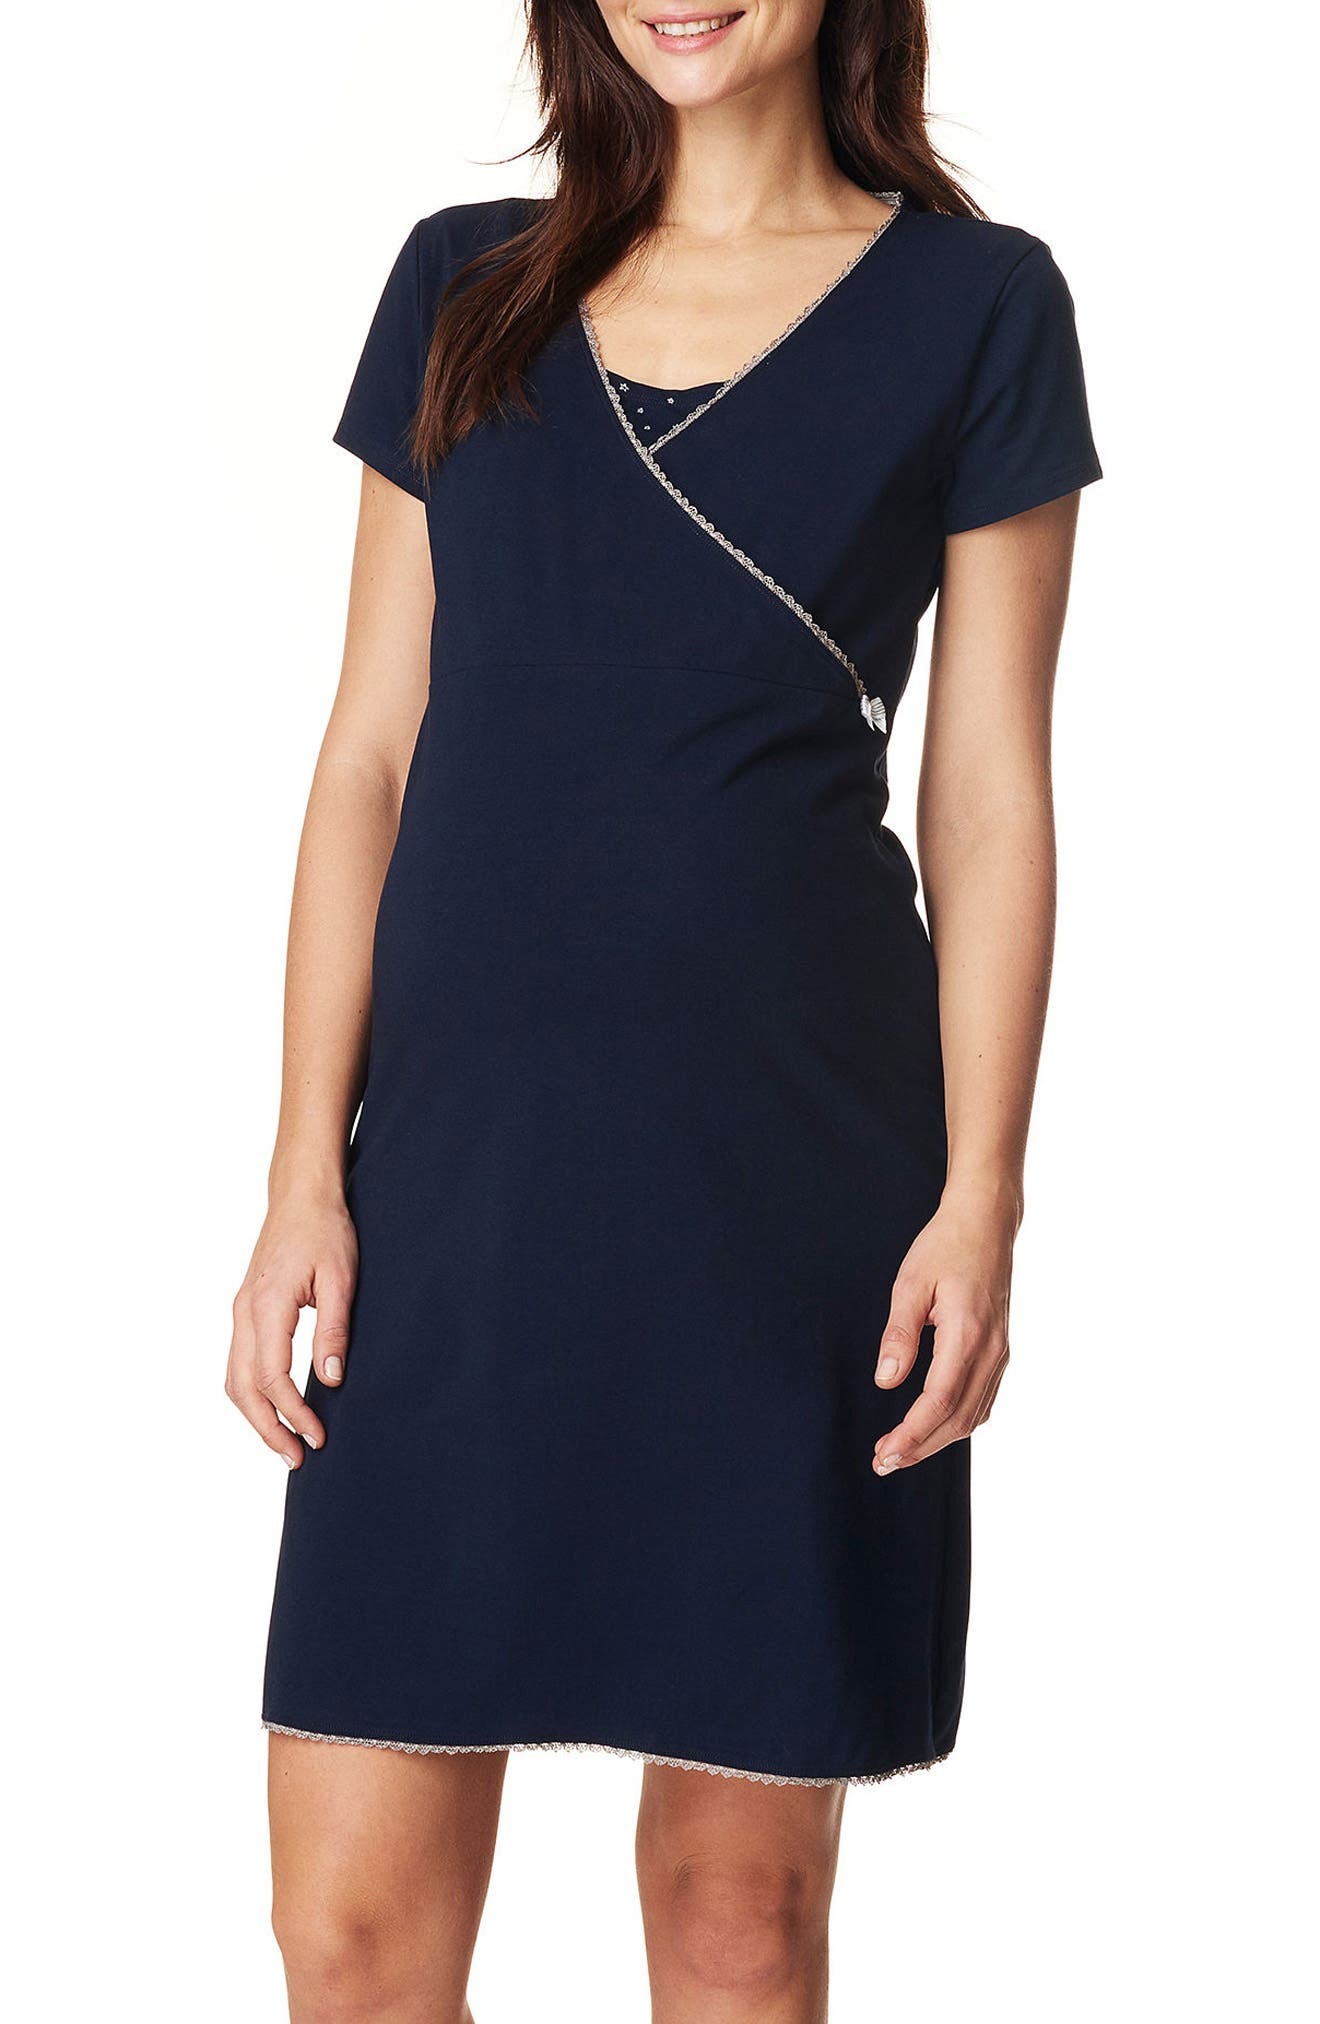 Kimm Maternity/Nursing Jersey Dress,                             Main thumbnail 1, color,                             Blue